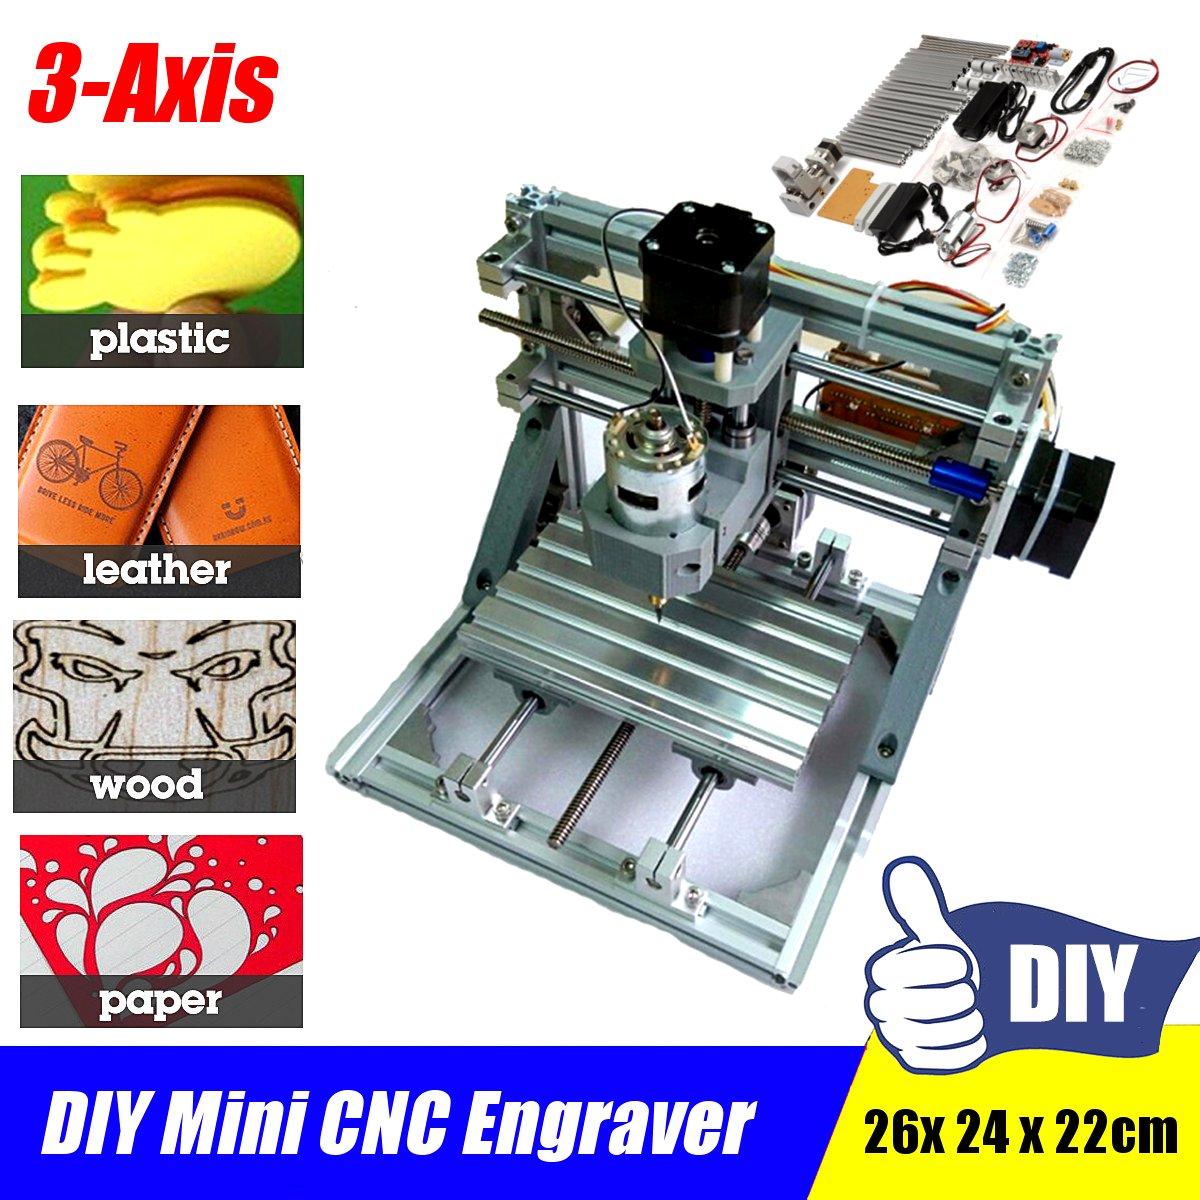 Bricolage Mini 3 axes routeur CNC Machine 1610 GRBL contrôle CNC graveur PCB PVC fraisage bois sculpture Machine zone de travail 16x10.5x3cm